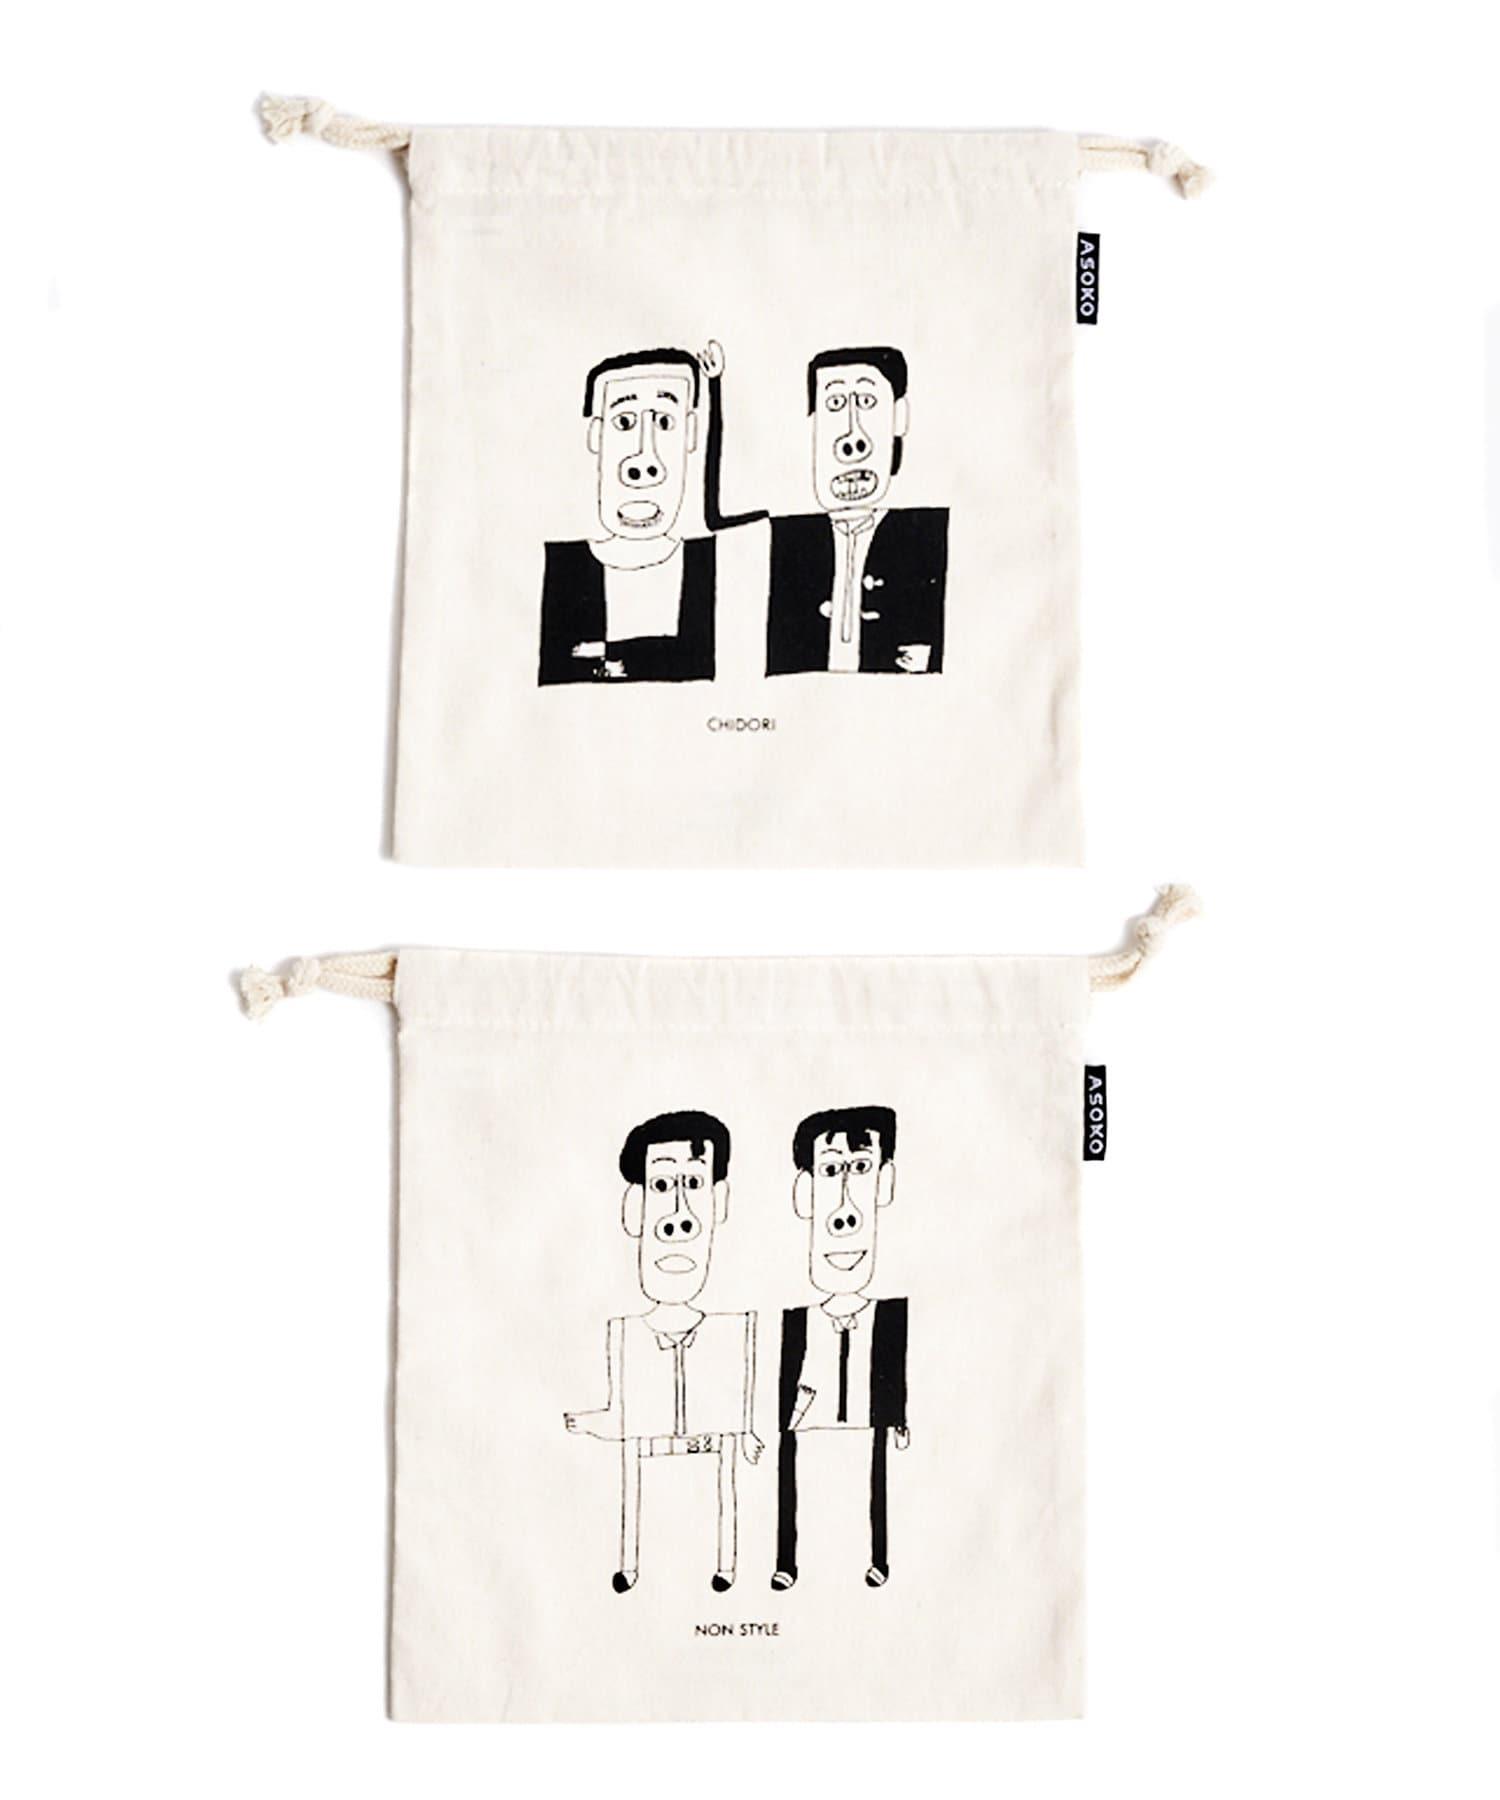 ASOKO(アソコ) ライフスタイル 【YOSHIMOTO】巾着2枚セット<DARE?> その他